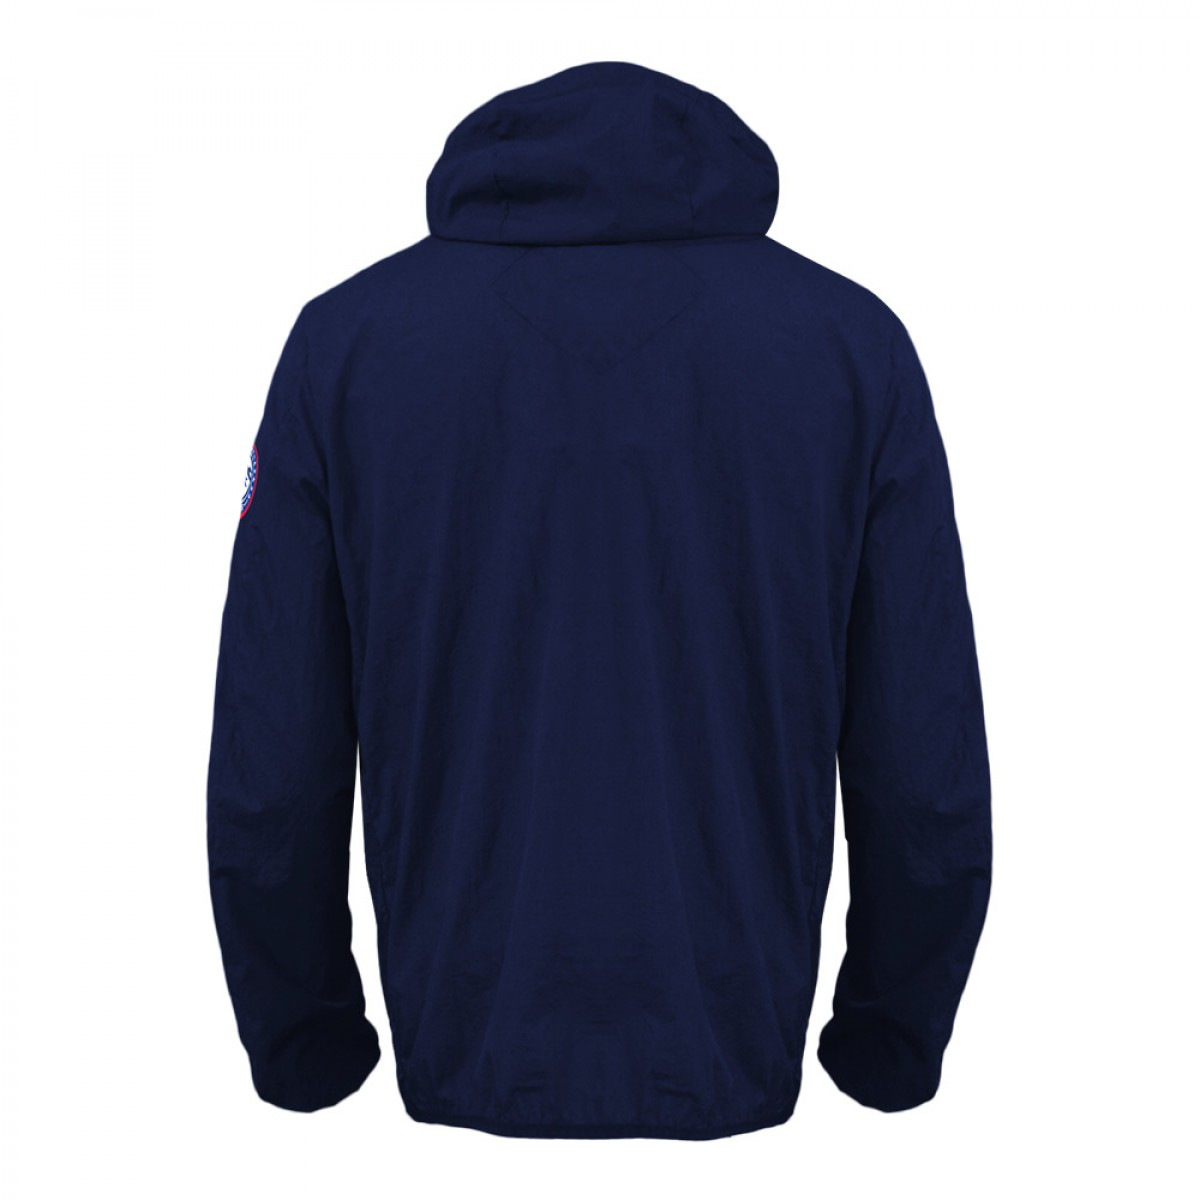 8848-men-windcheater-jacket-m1-km1j95613-5a